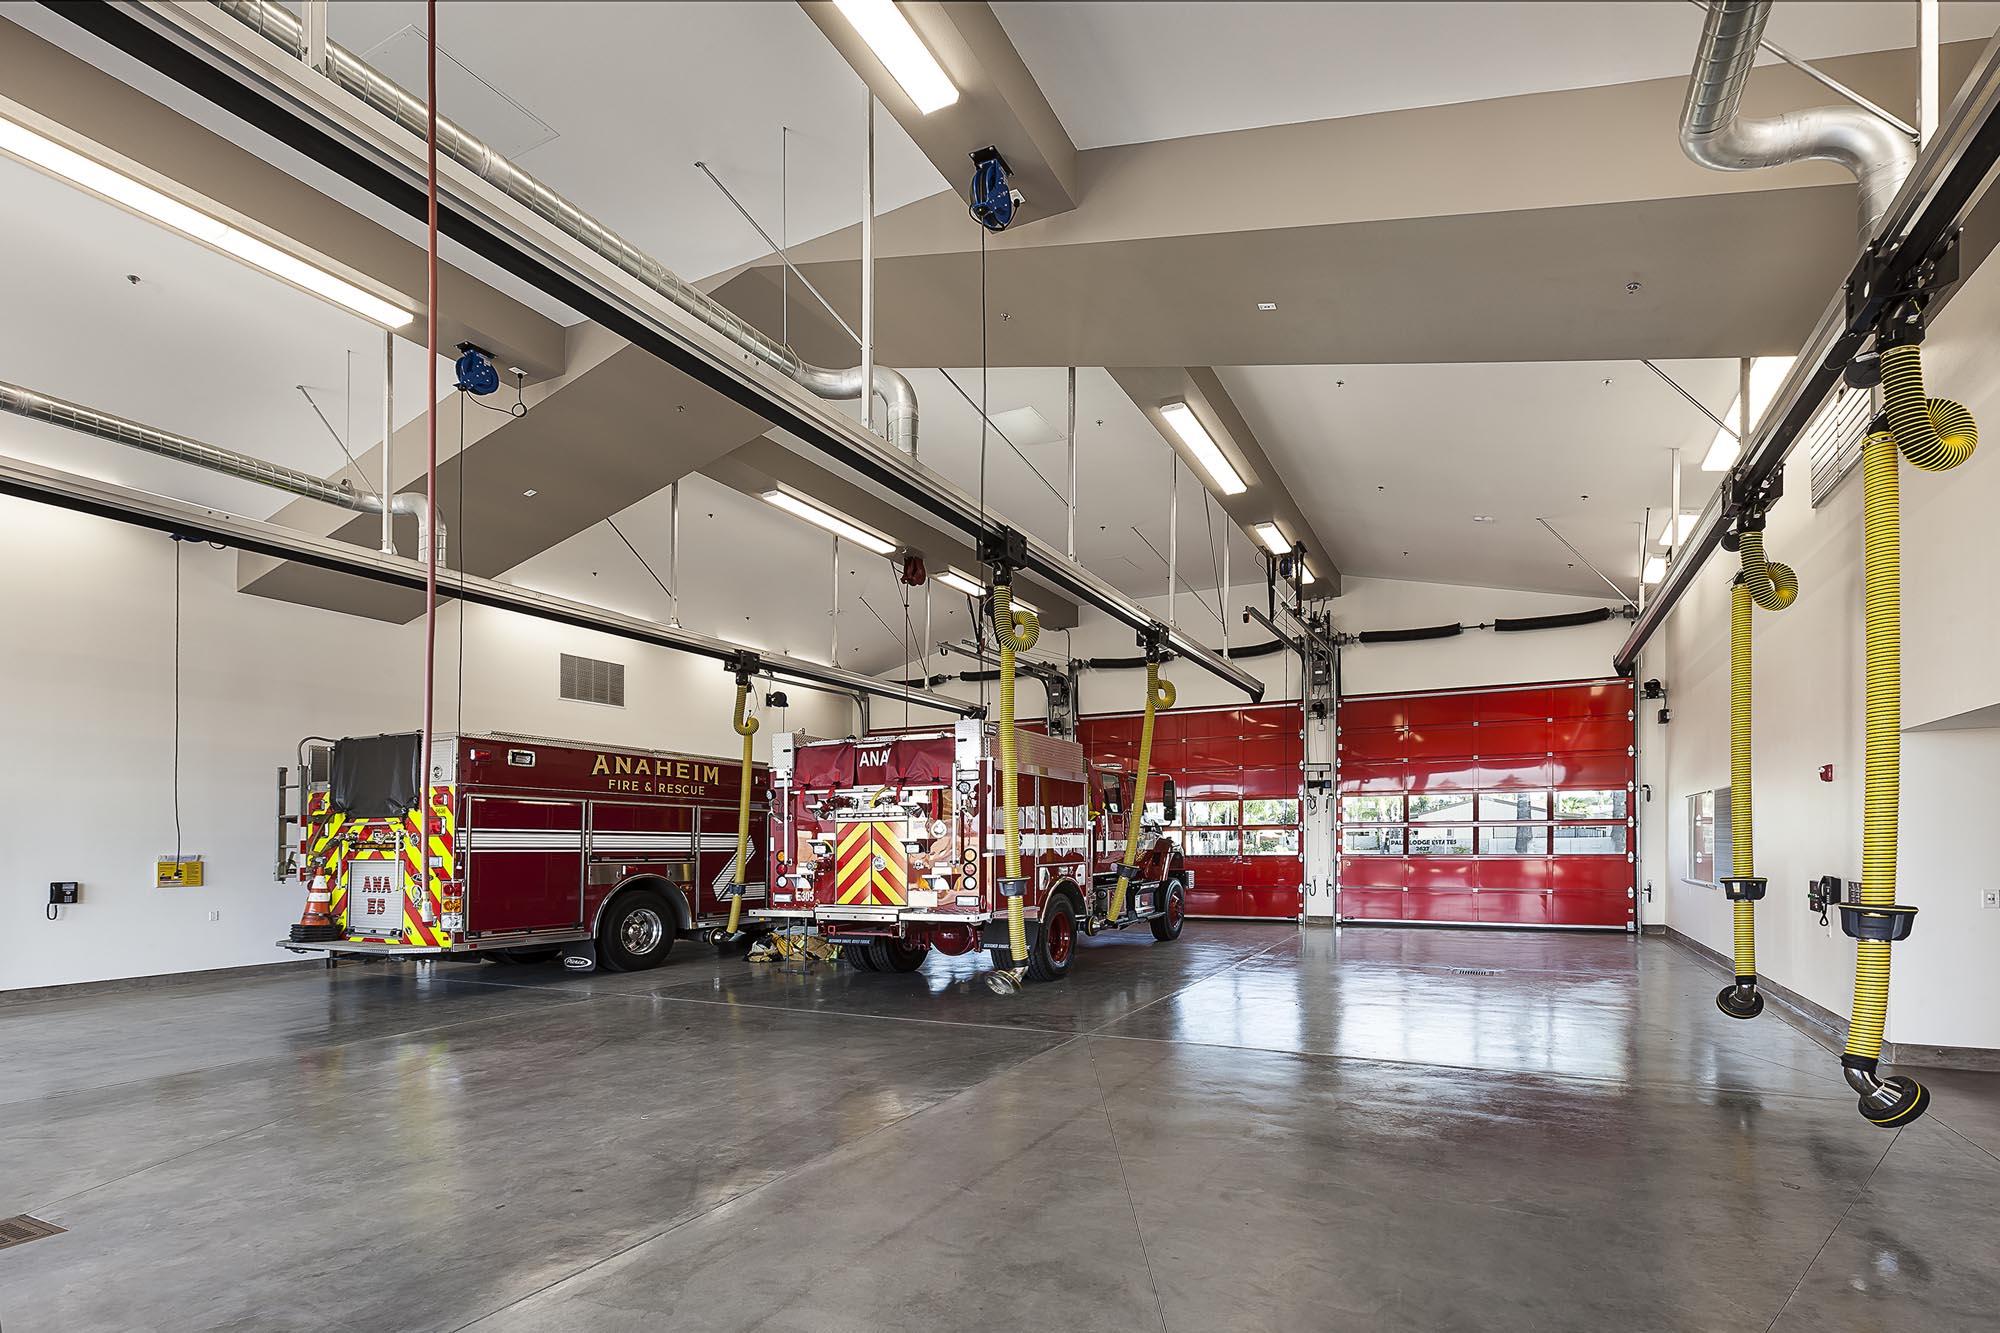 Anaheim-Firestation-02.jpg